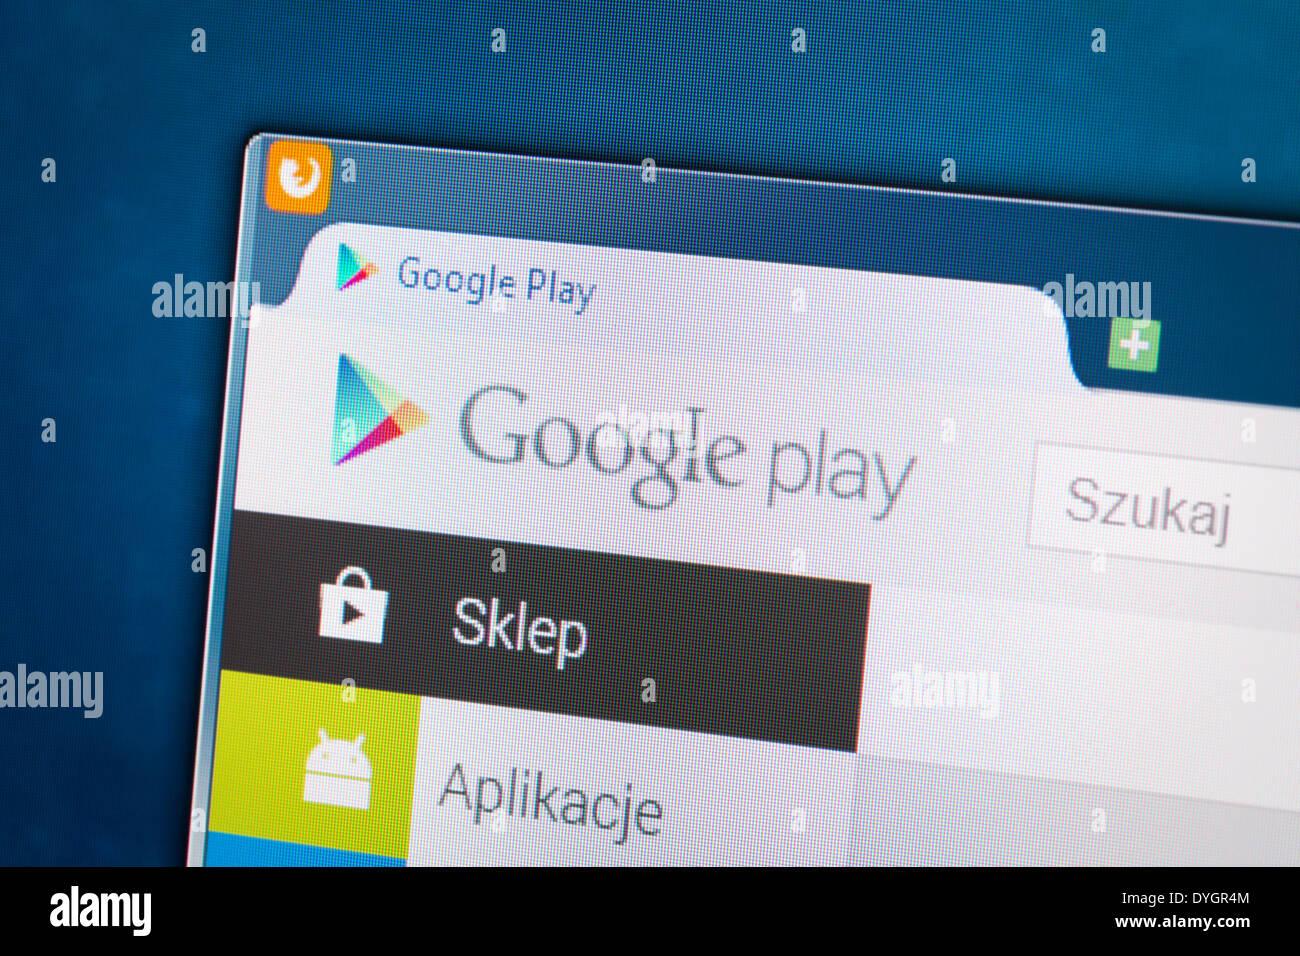 Google Play Stock Photos Google Play Stock Images Alamy